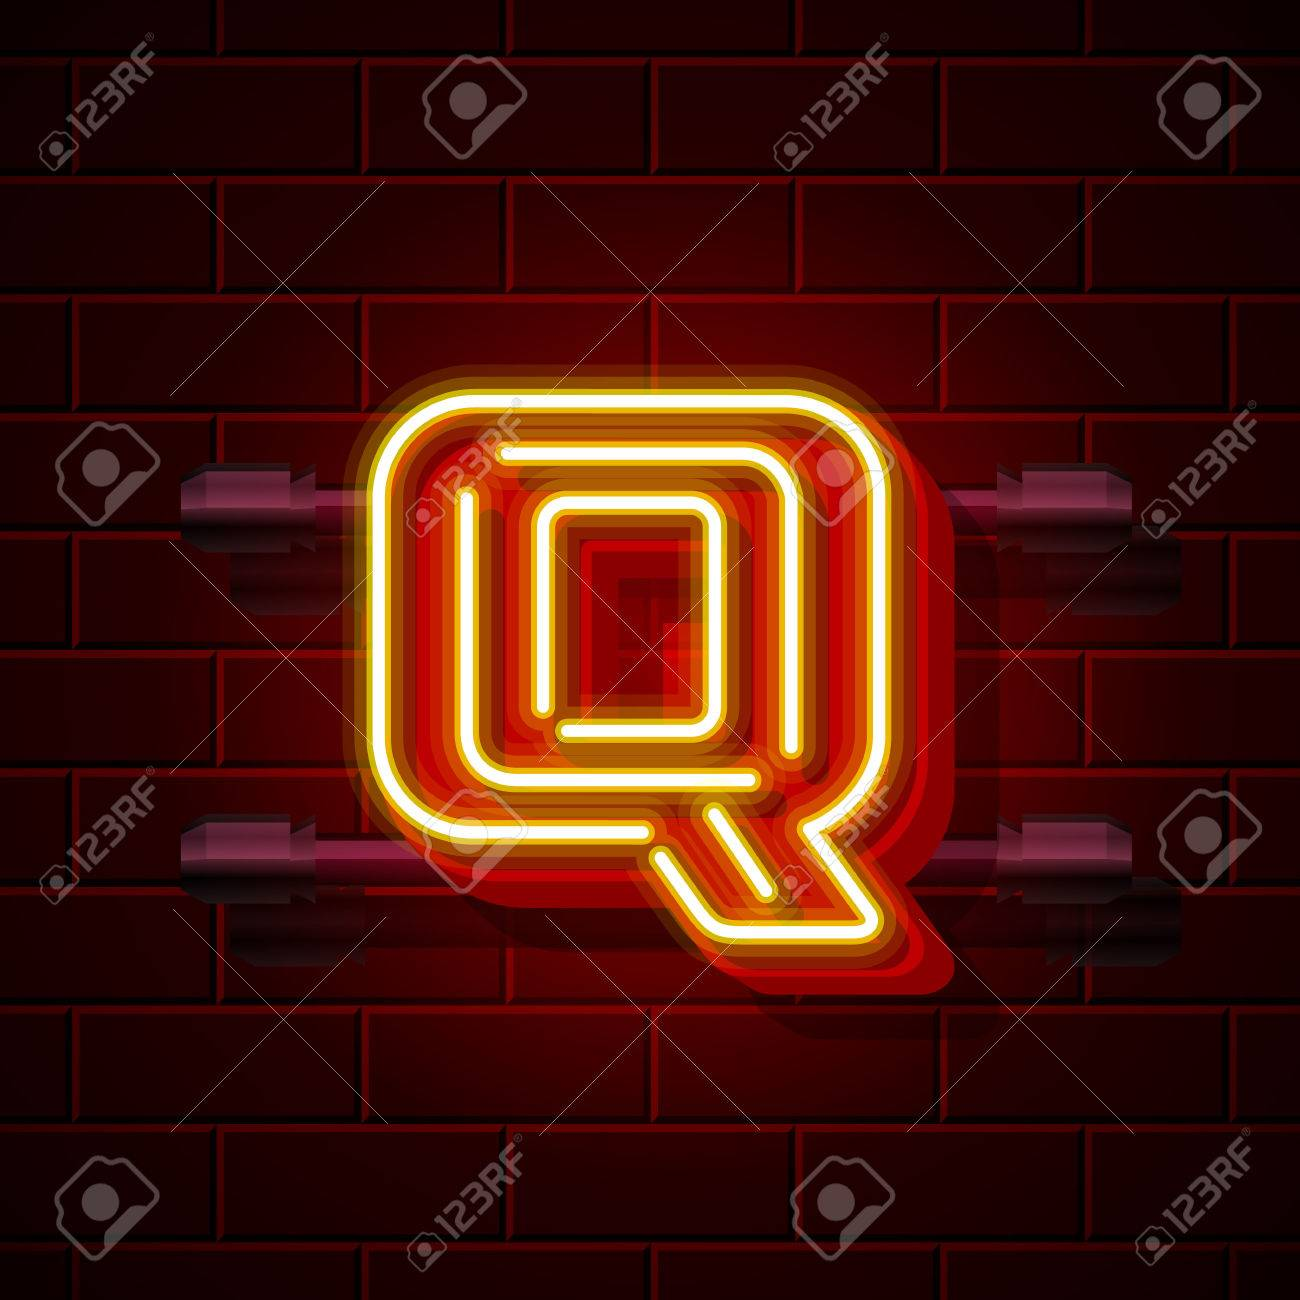 ネオン街フォント Q の文字の看板ベクトル図のイラスト素材ベクタ